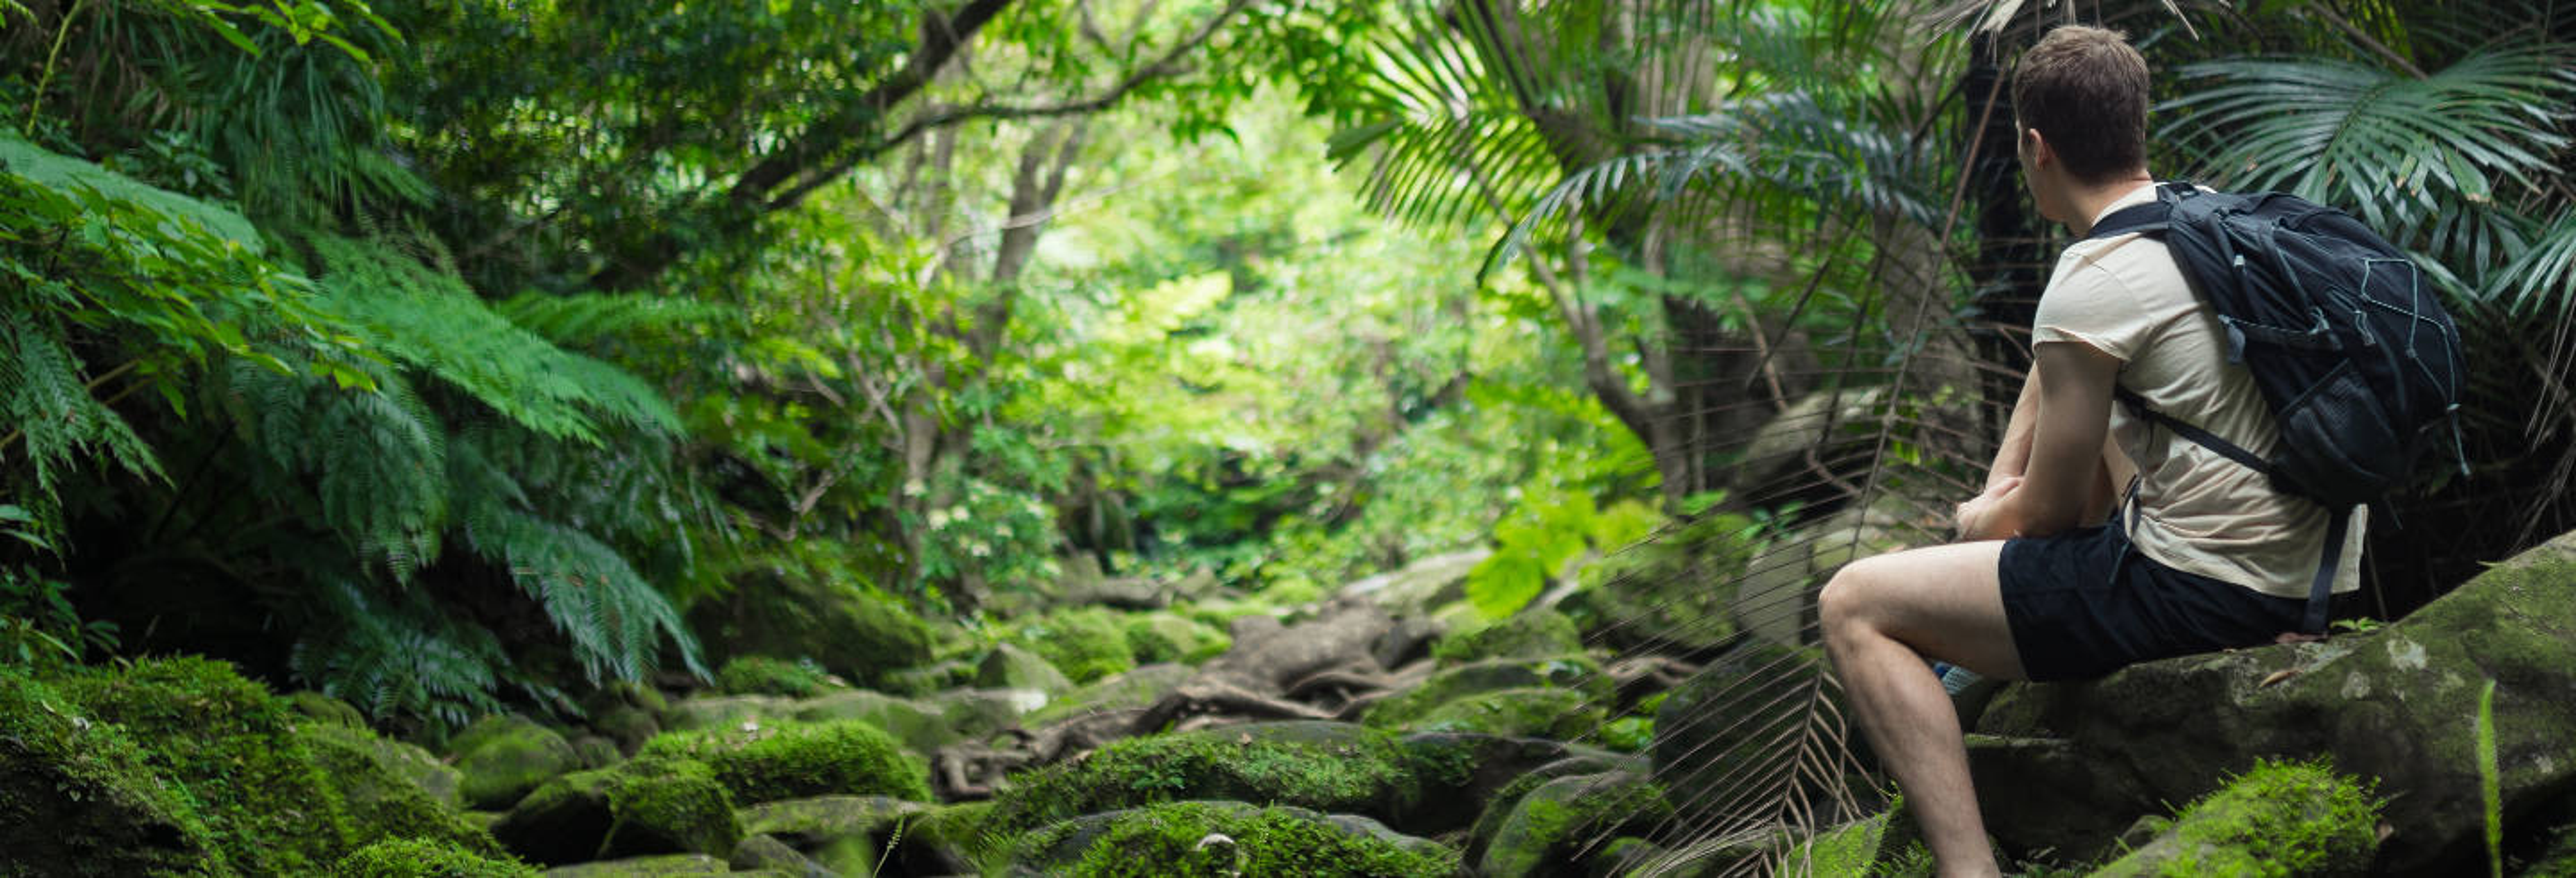 Excursion de 3 jours dans la forêt amazonienne